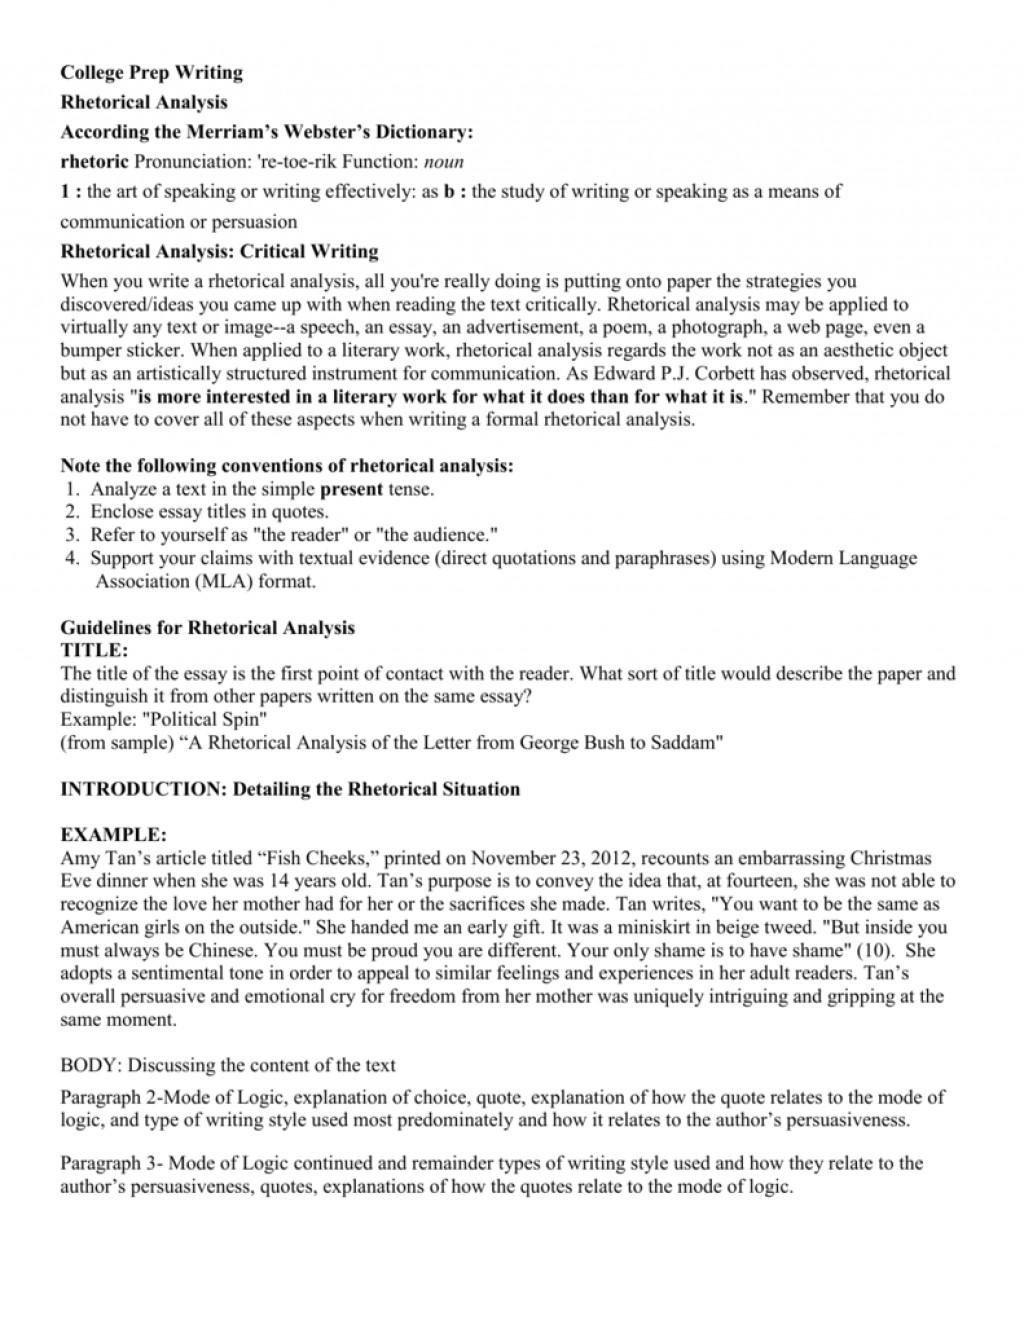 001 Rhetorical Situation Example Essay 007662368 2 Imposing Large